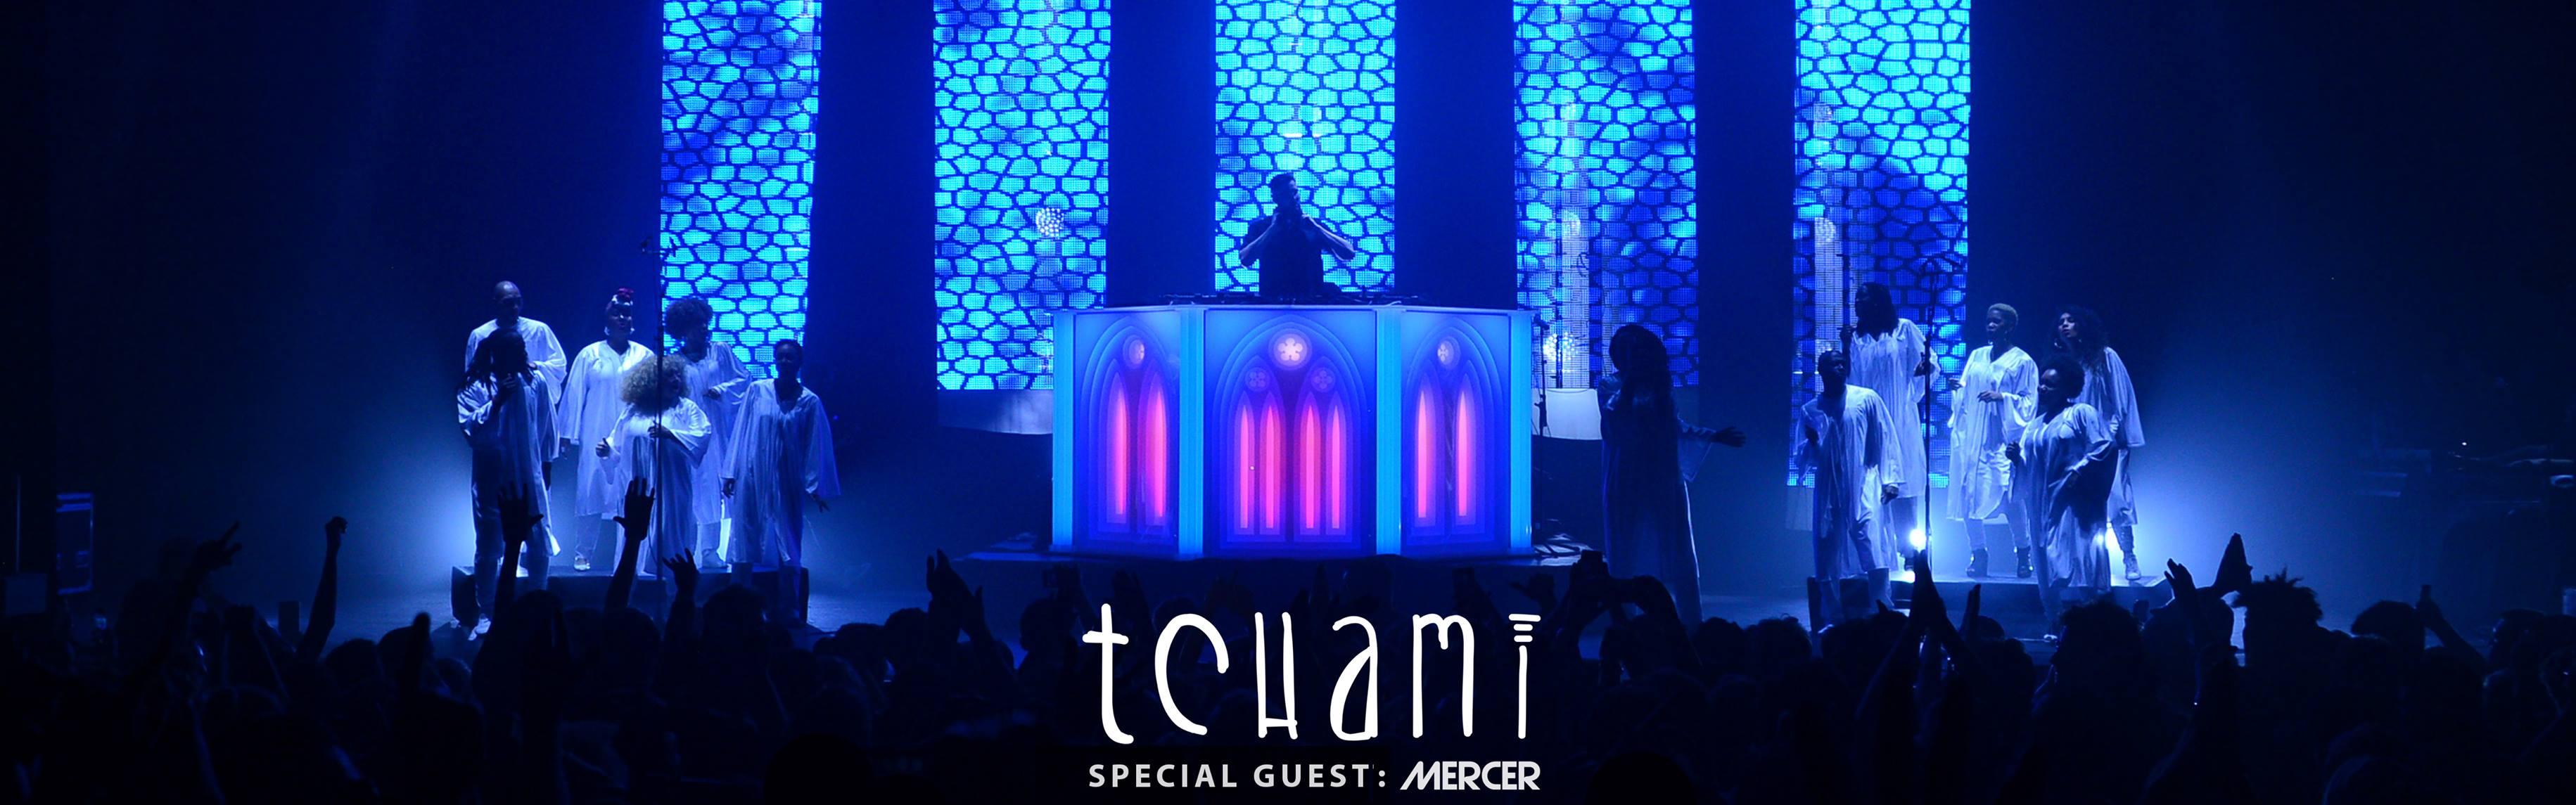 Tchami Prophecy Tour